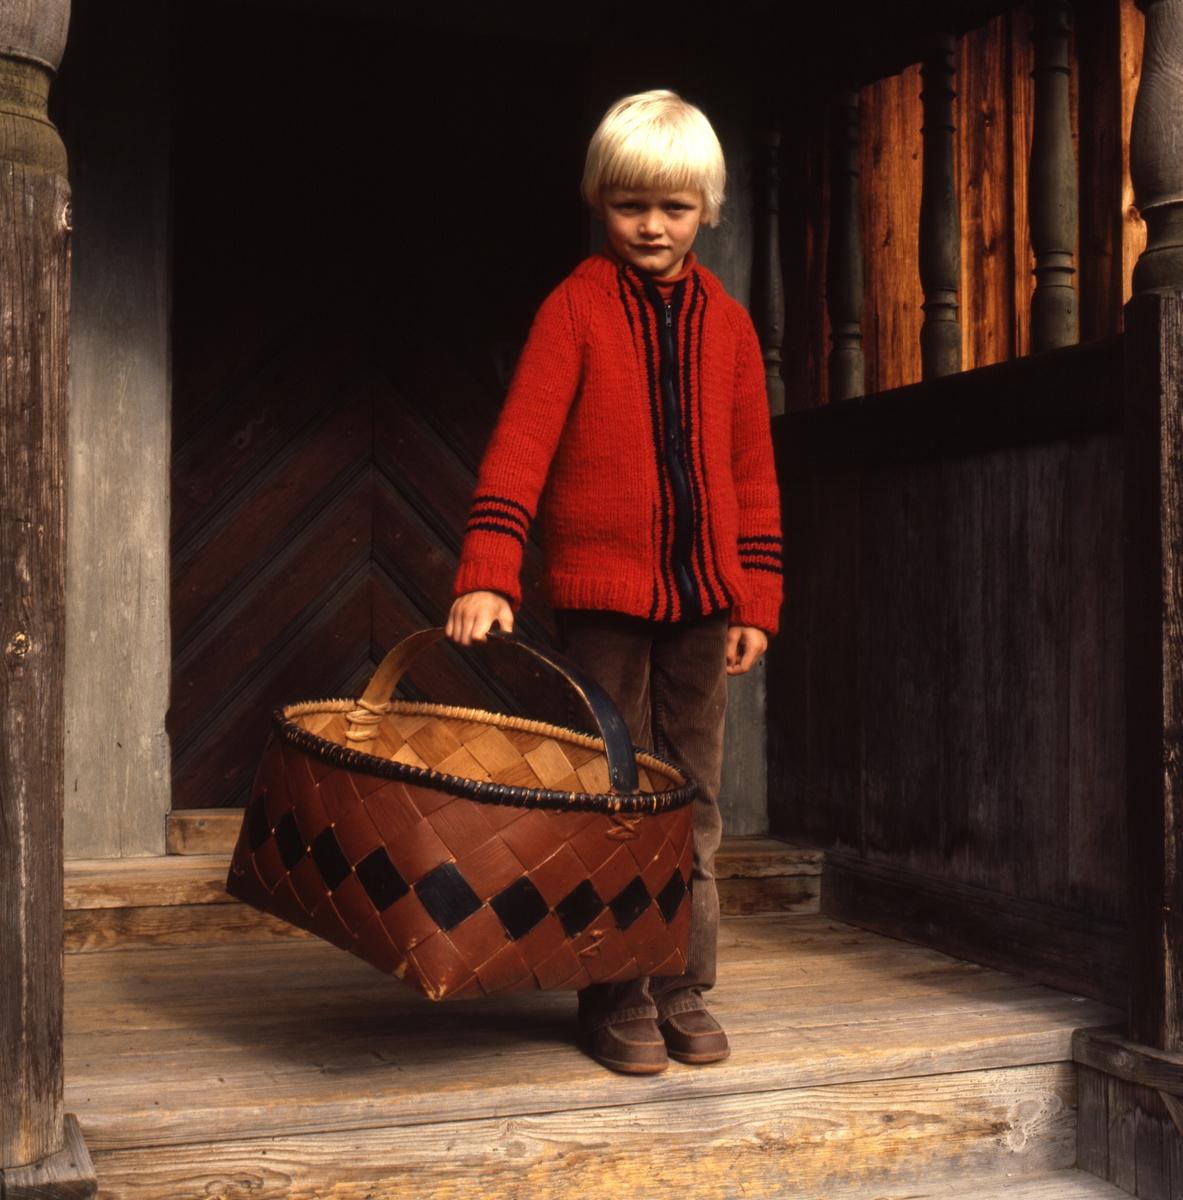 Ett barn i röd stickad kofta står på en gammal förstukvist med en stor spånkorg i handen.